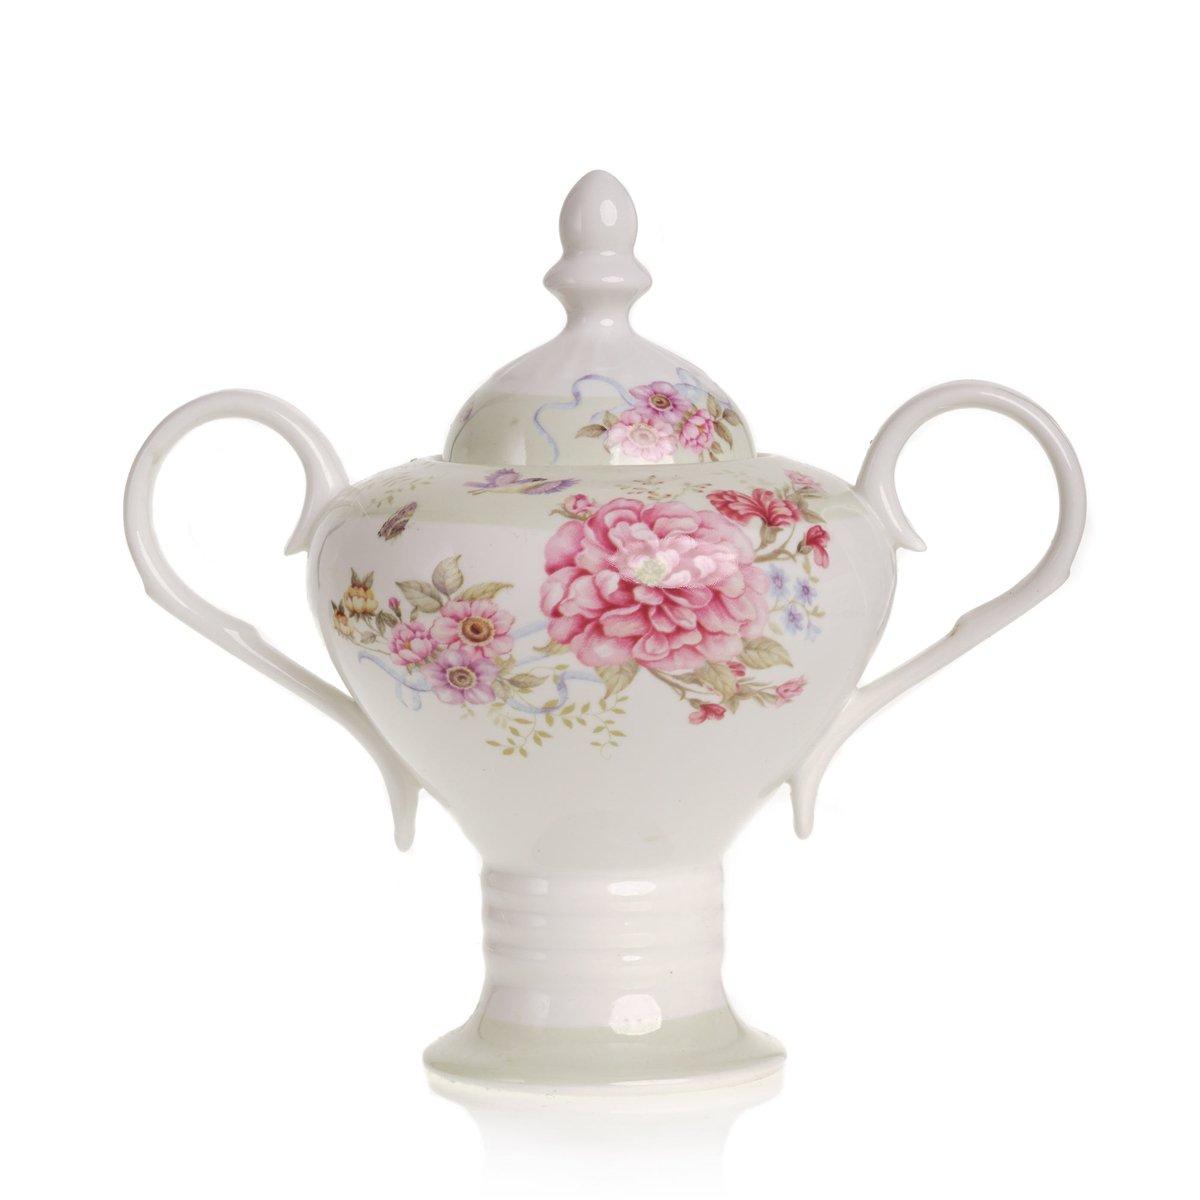 pot /à cr/ème et coffret cadeau 1/000/ml sucrier Service /à th/é en porcelaine de style r/étro chic /à motif floral avec th/éi/ère